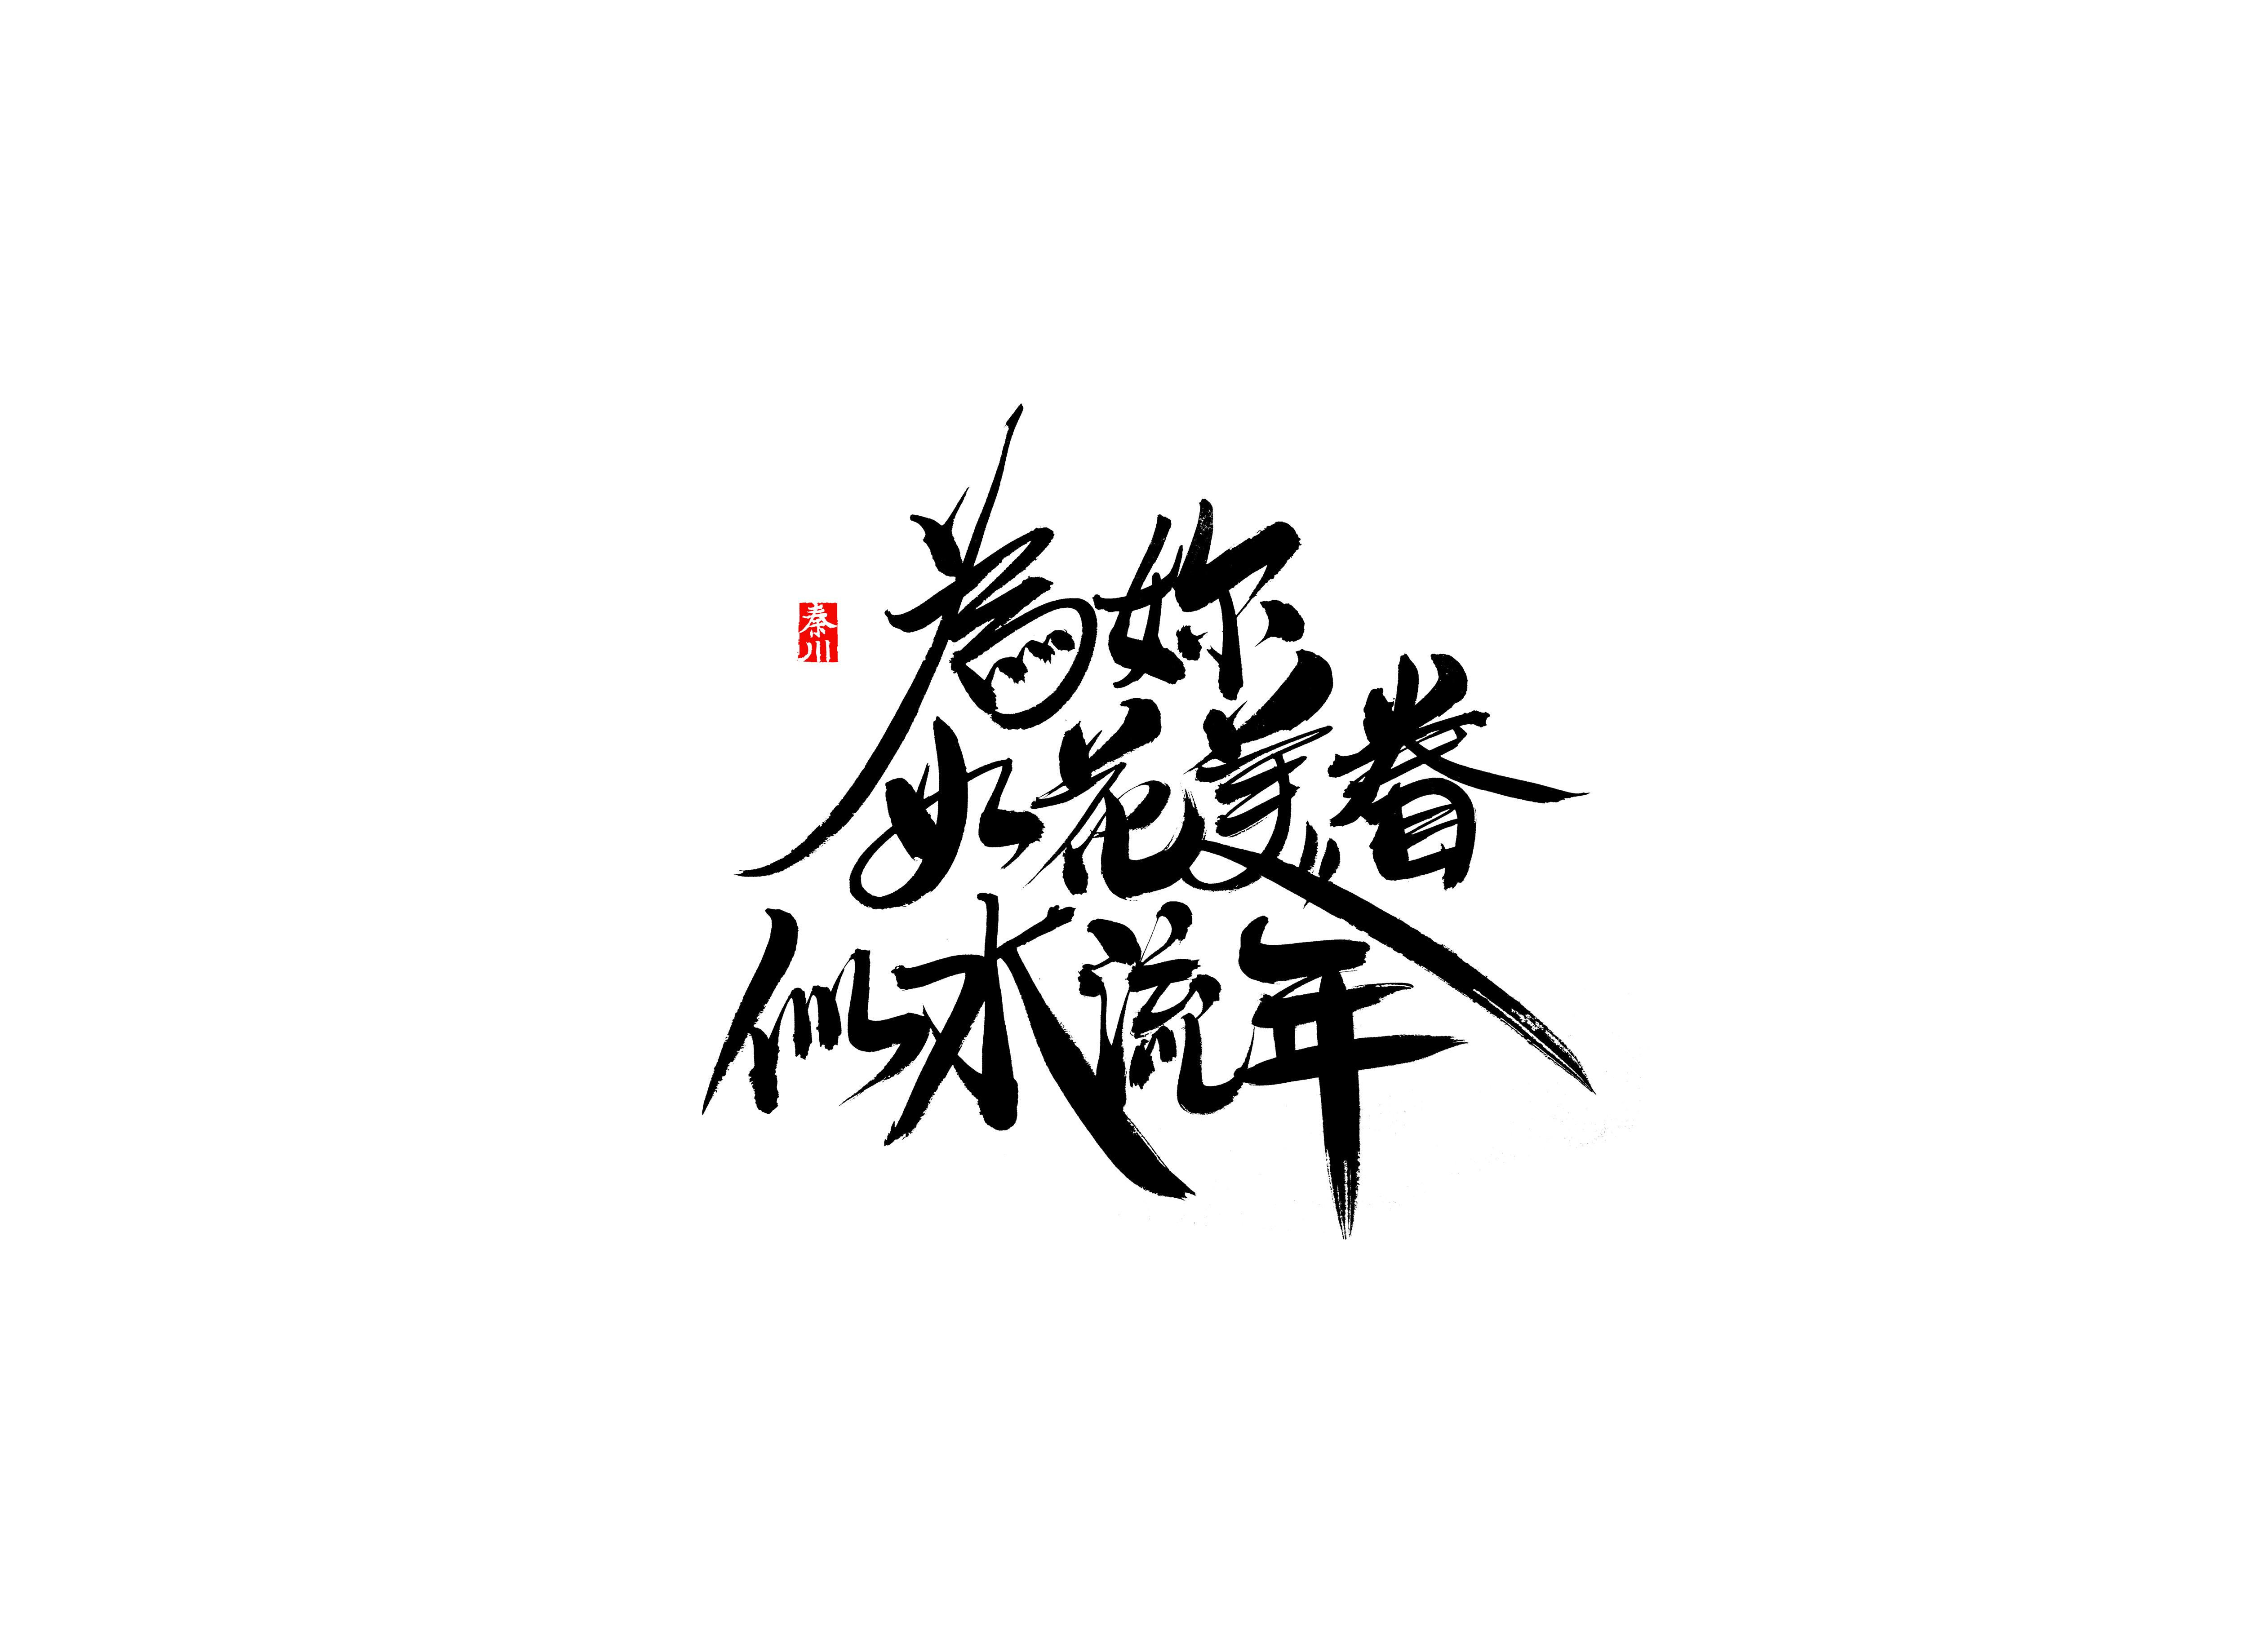 秦川 民国风>